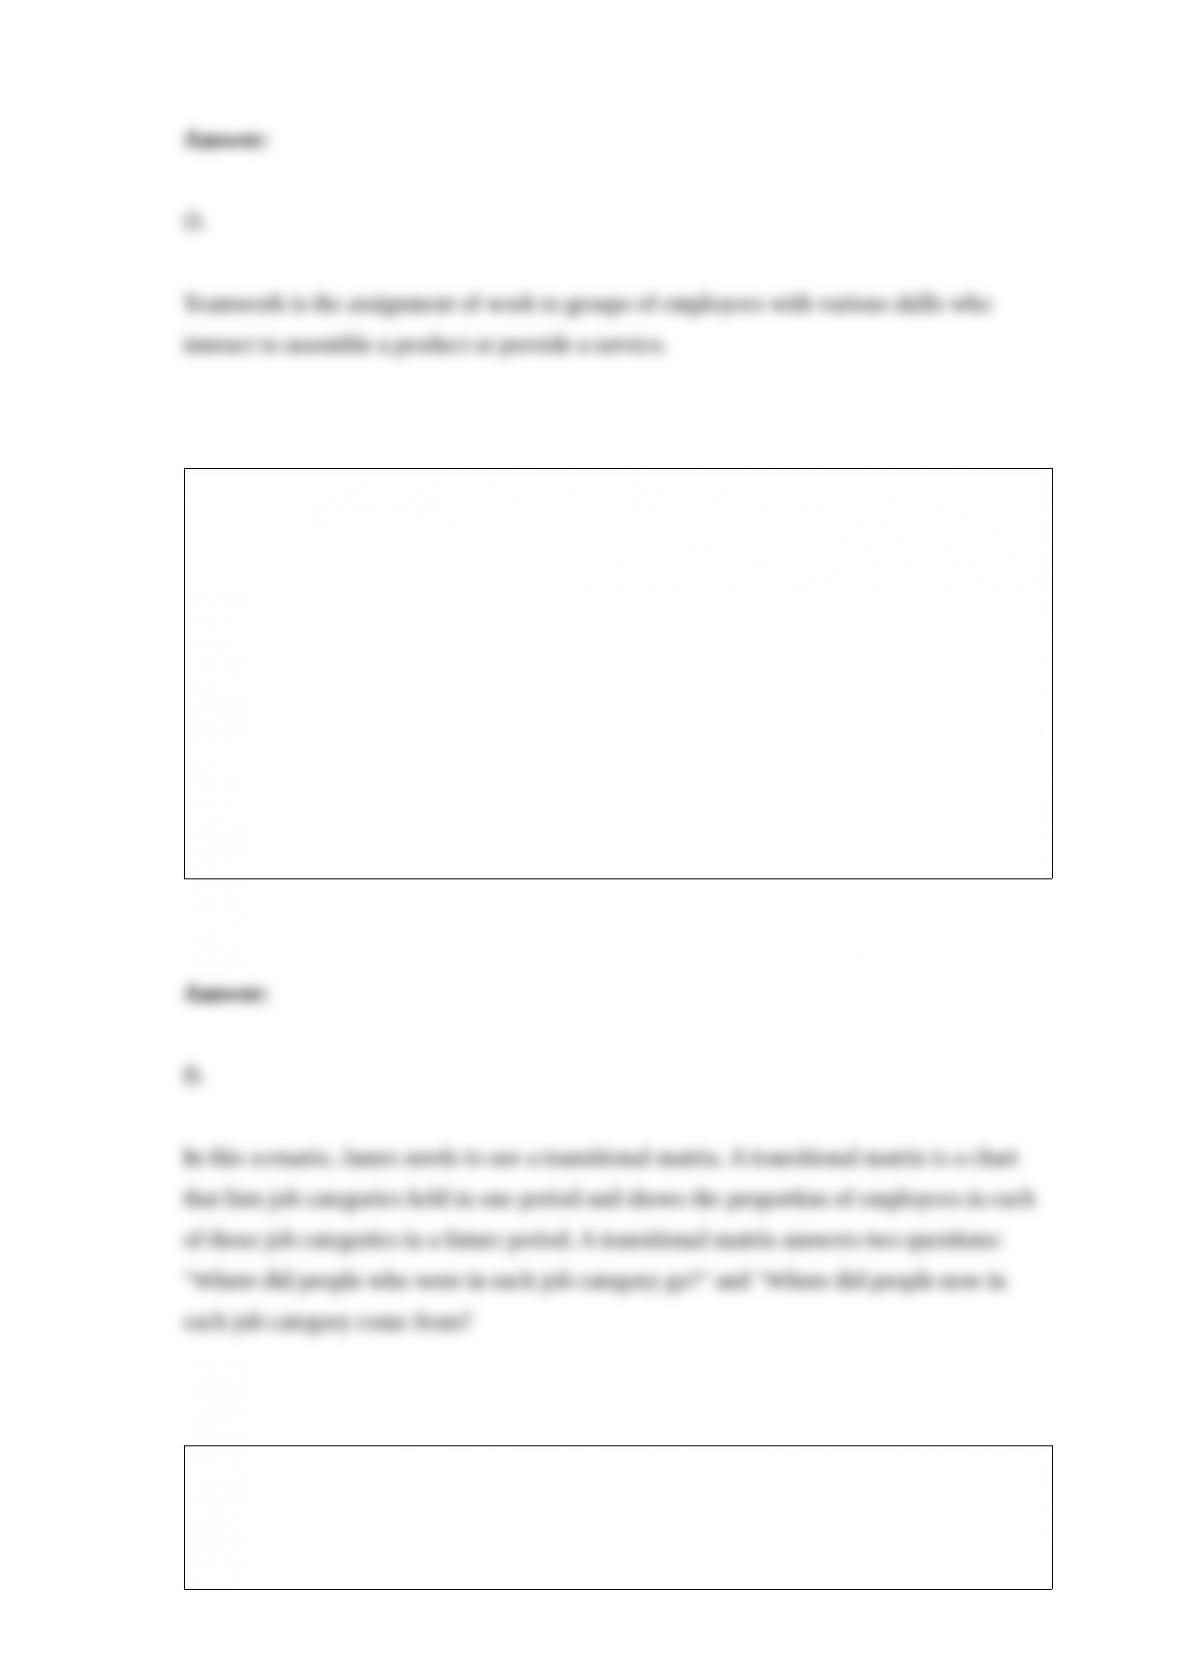 MHR 600 Midterm 2 | Get 24/7 Homework Help | Online Study ...